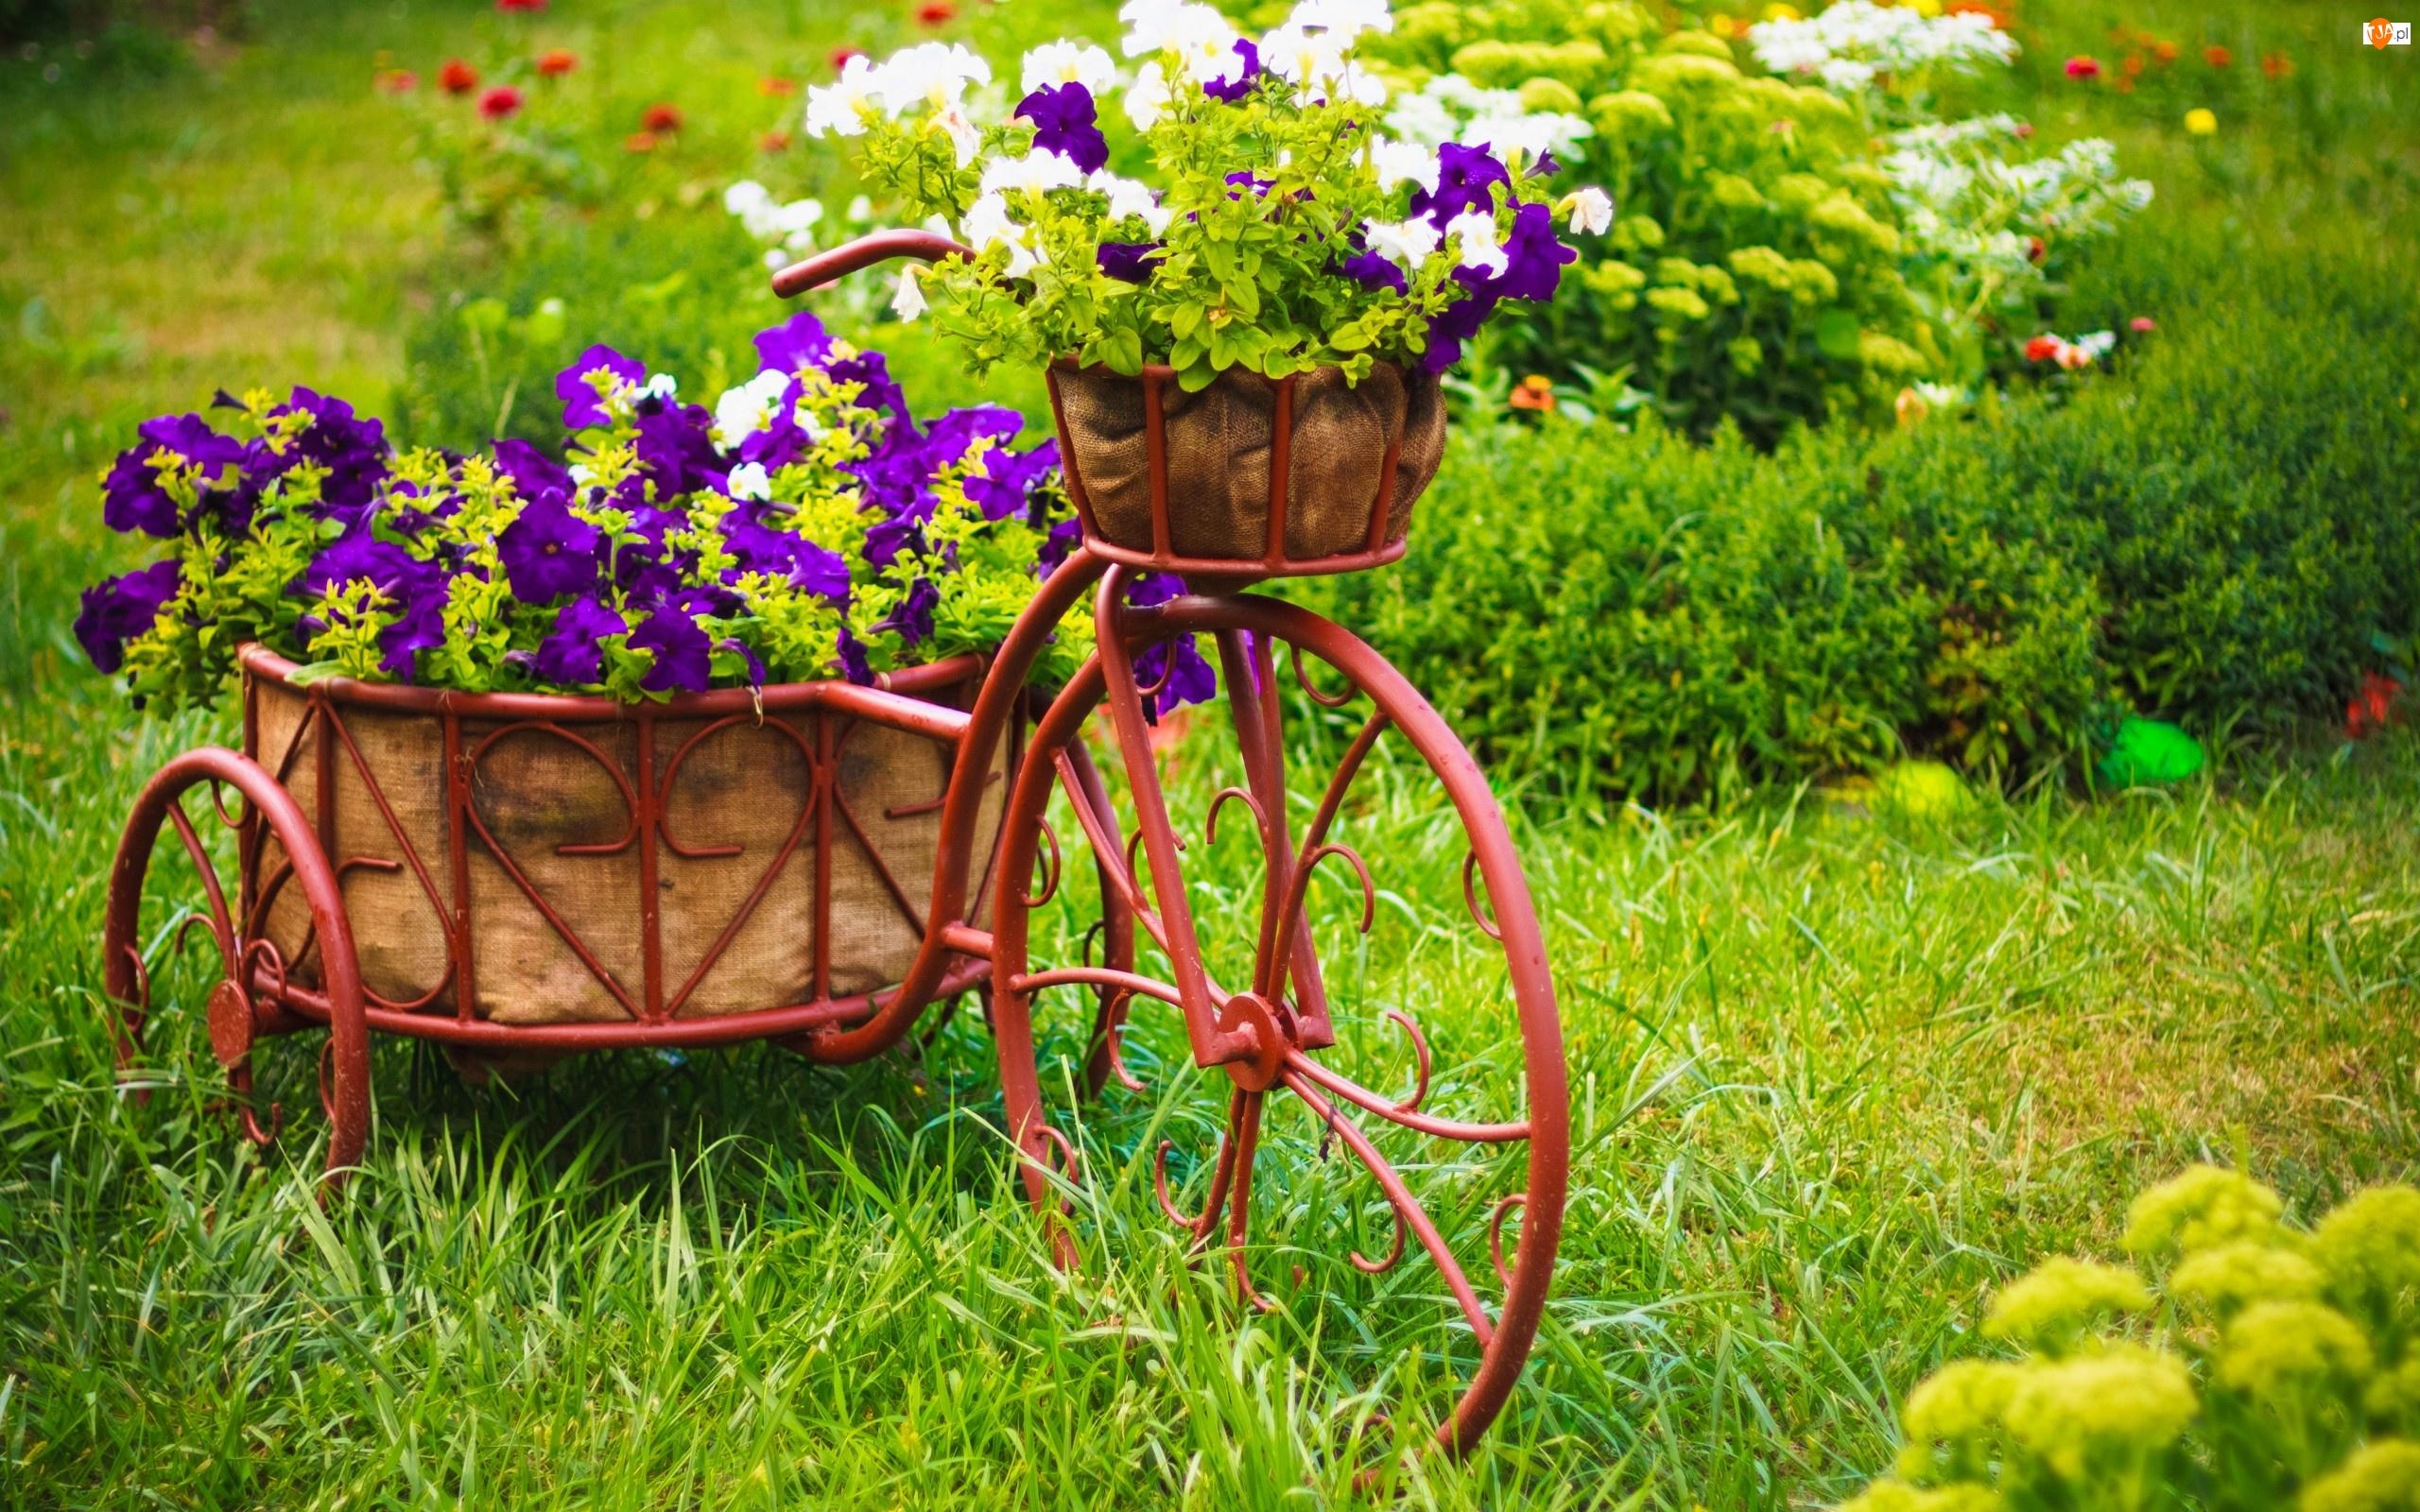 Ogród, Rower, Donice, Kwietnik, Kwiaty